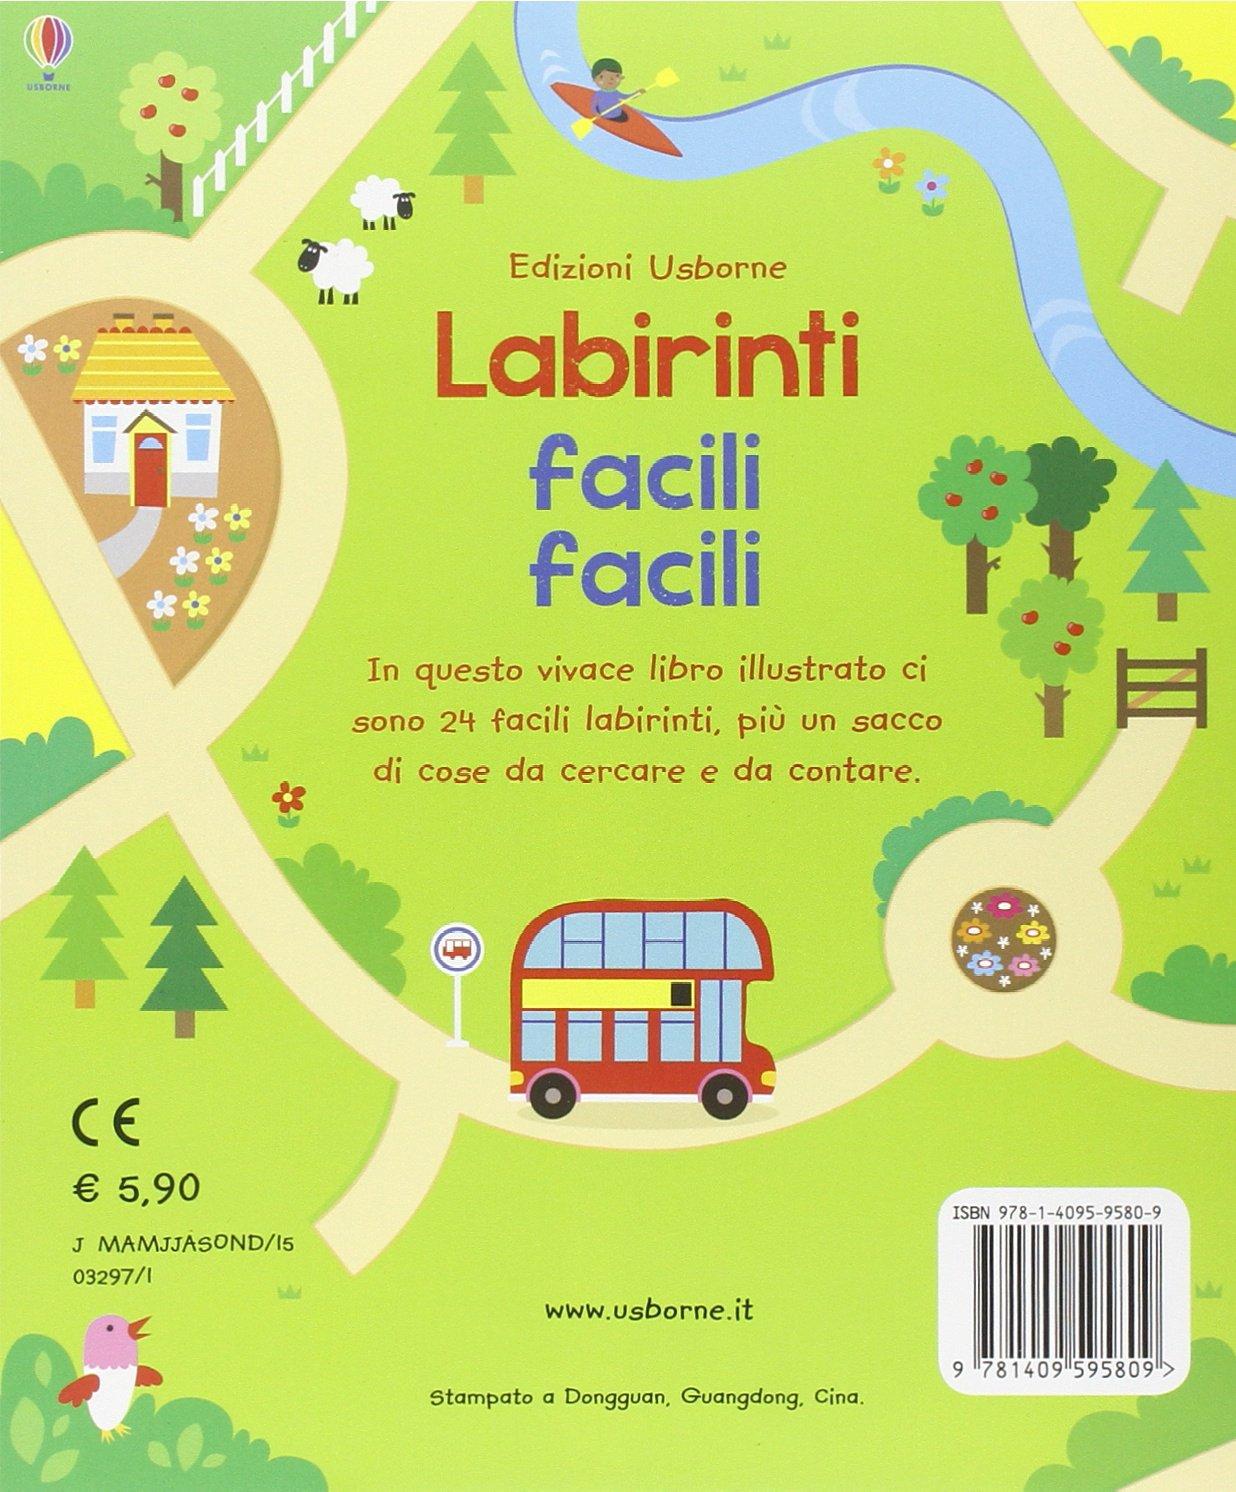 Labirinti Facili Facili Giochi E Passatempi Ediz Illustrata